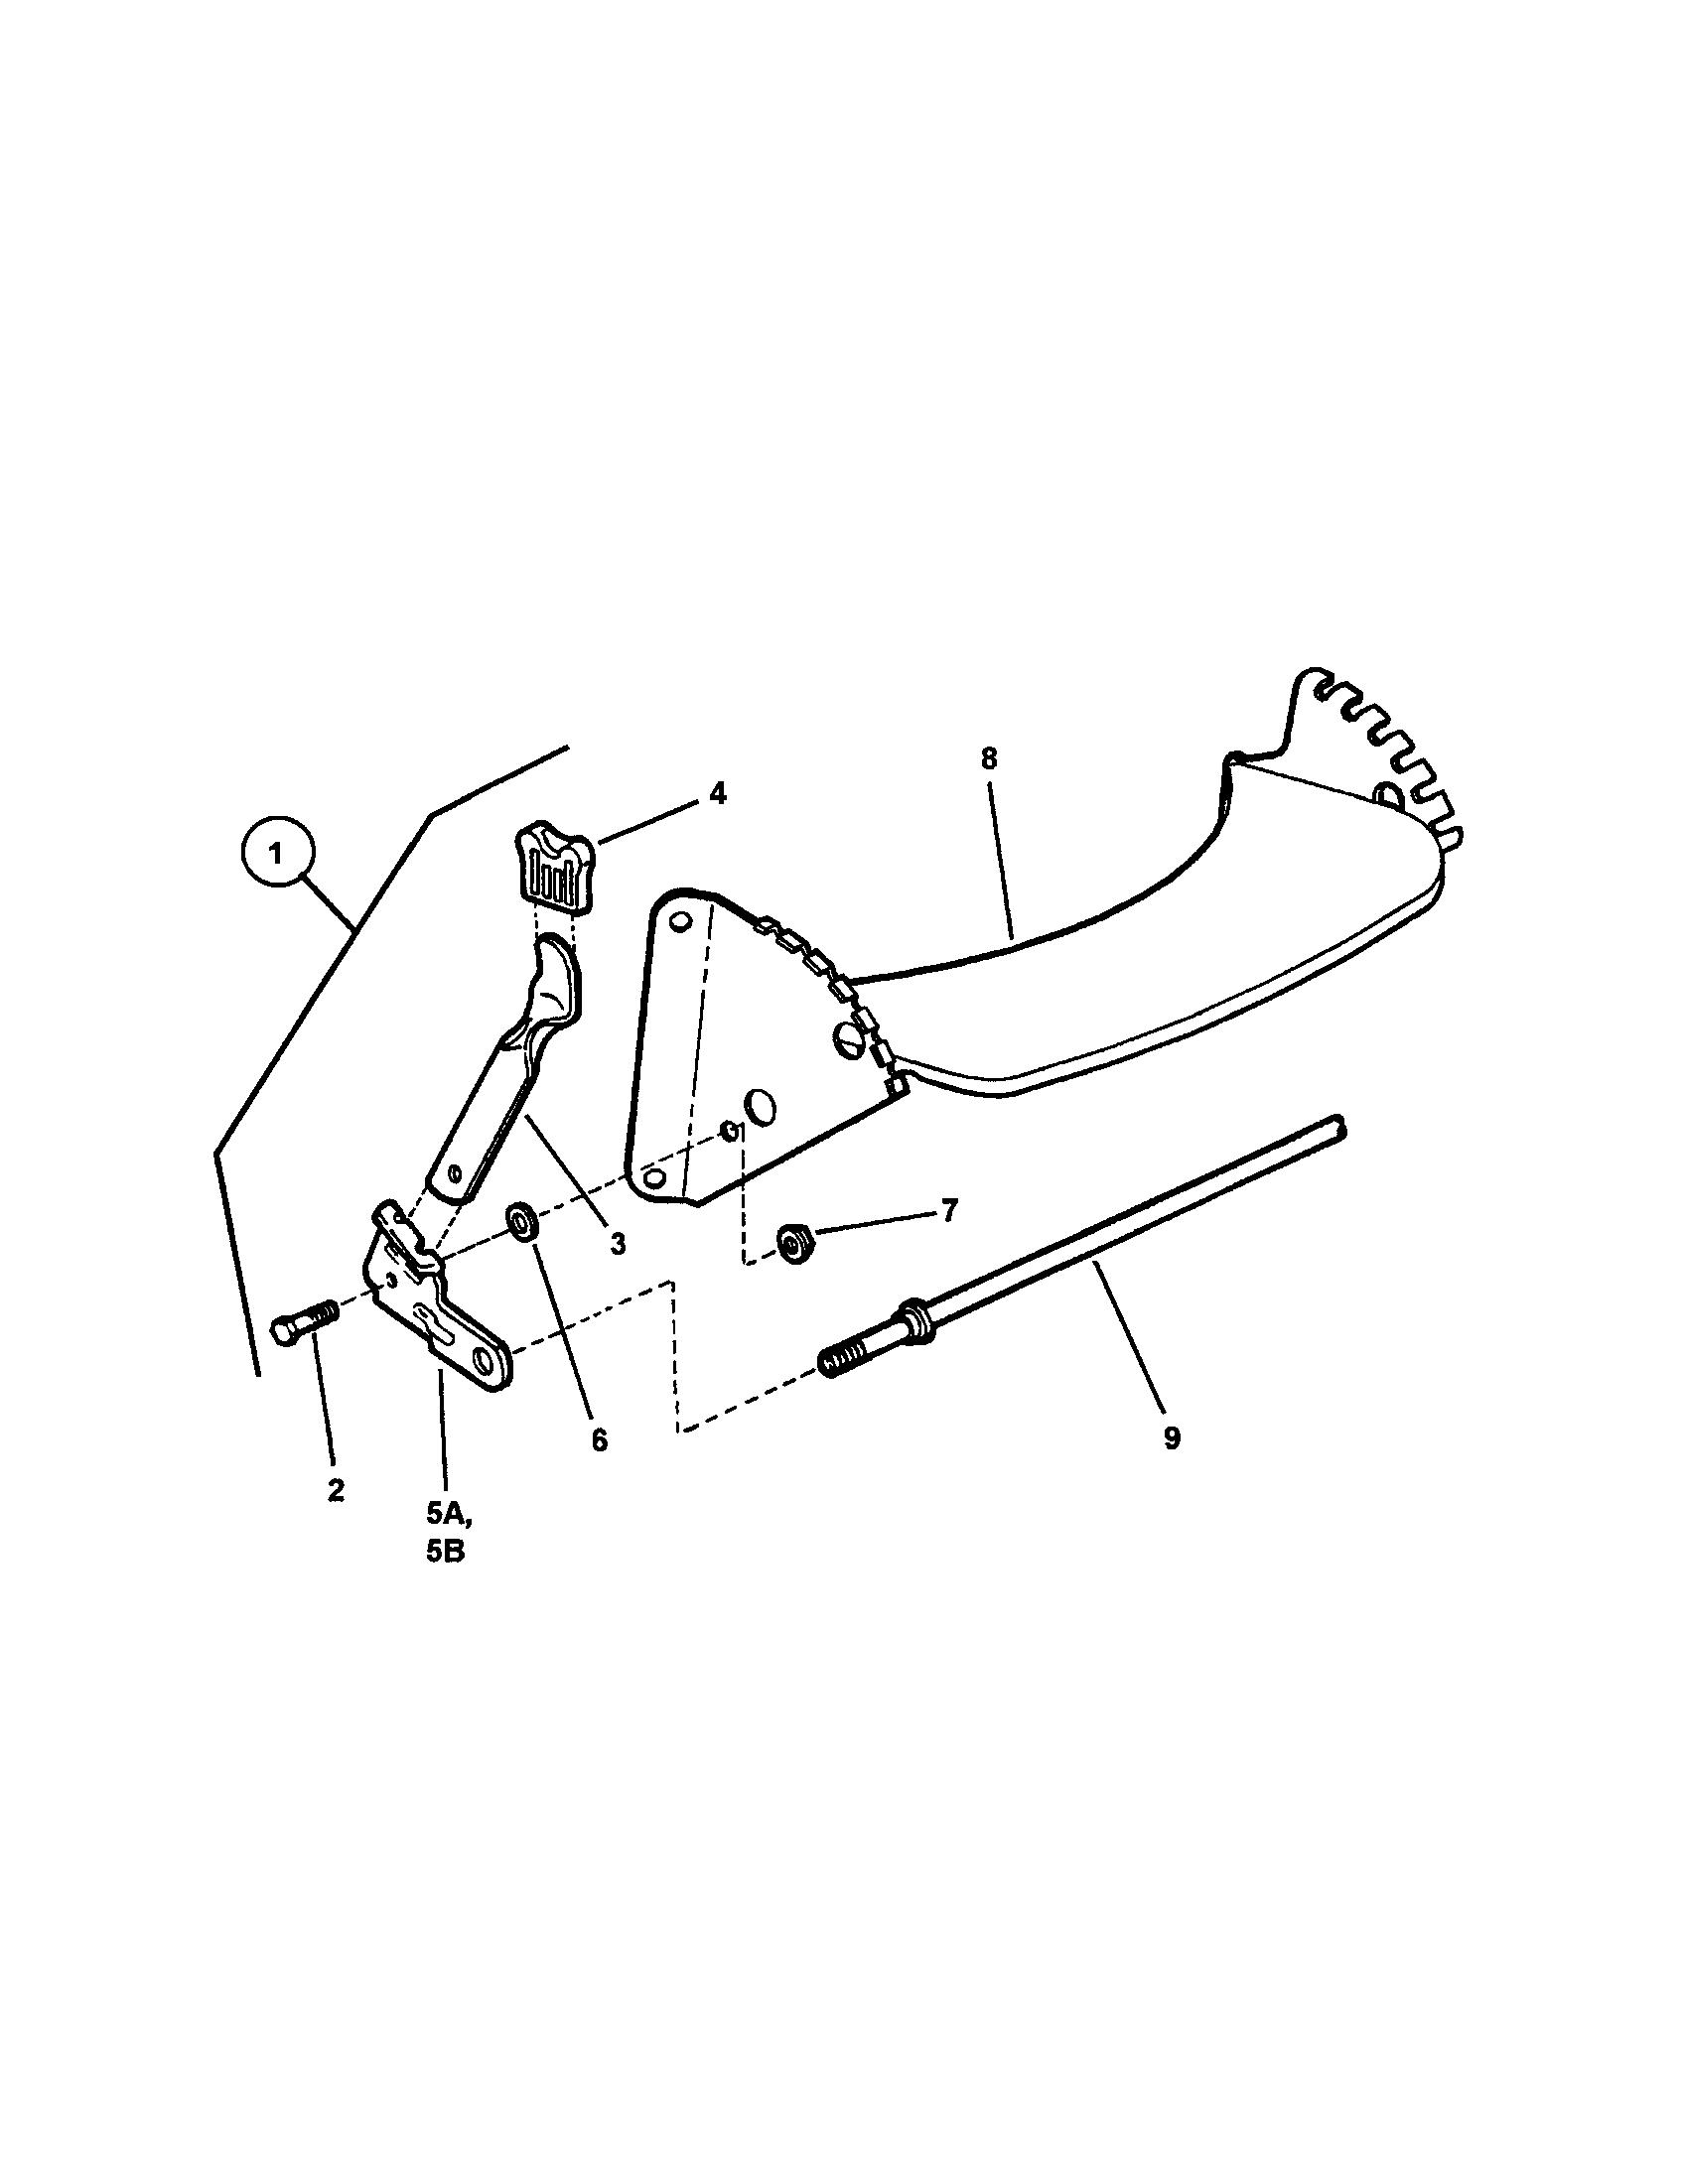 Dodge Nv4500 Transmission, Dodge, Free Engine Image For